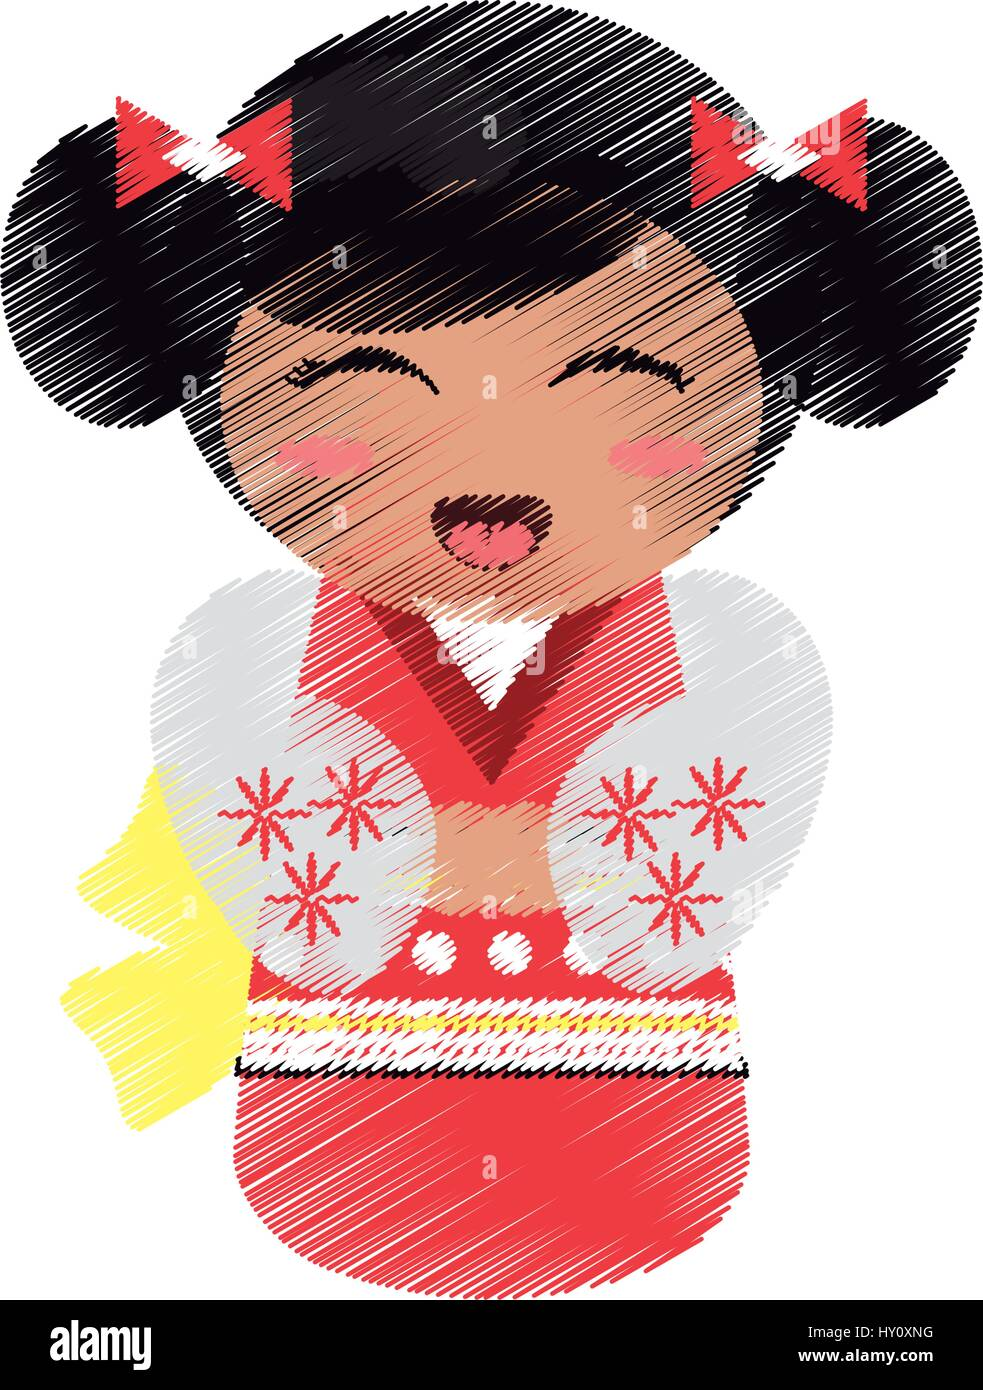 Dibujo Muñeca Geisha Imagen Folclórica Japonesa Ilustración Del